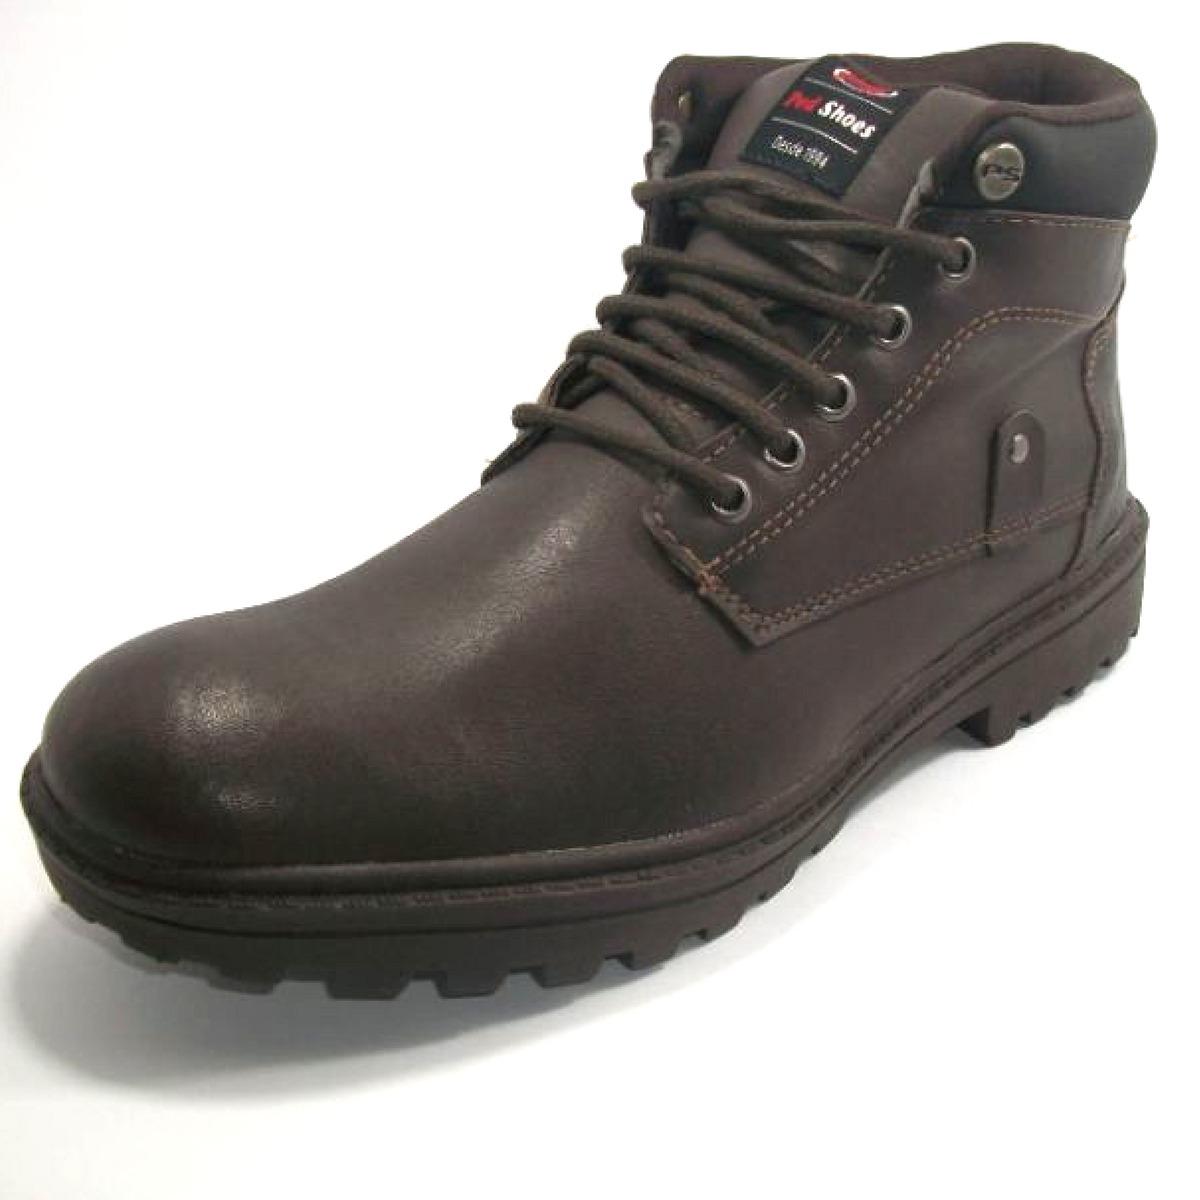 f31b8f3fb bota coturno masculina ped shoes cor café preto - promoção. Carregando zoom.